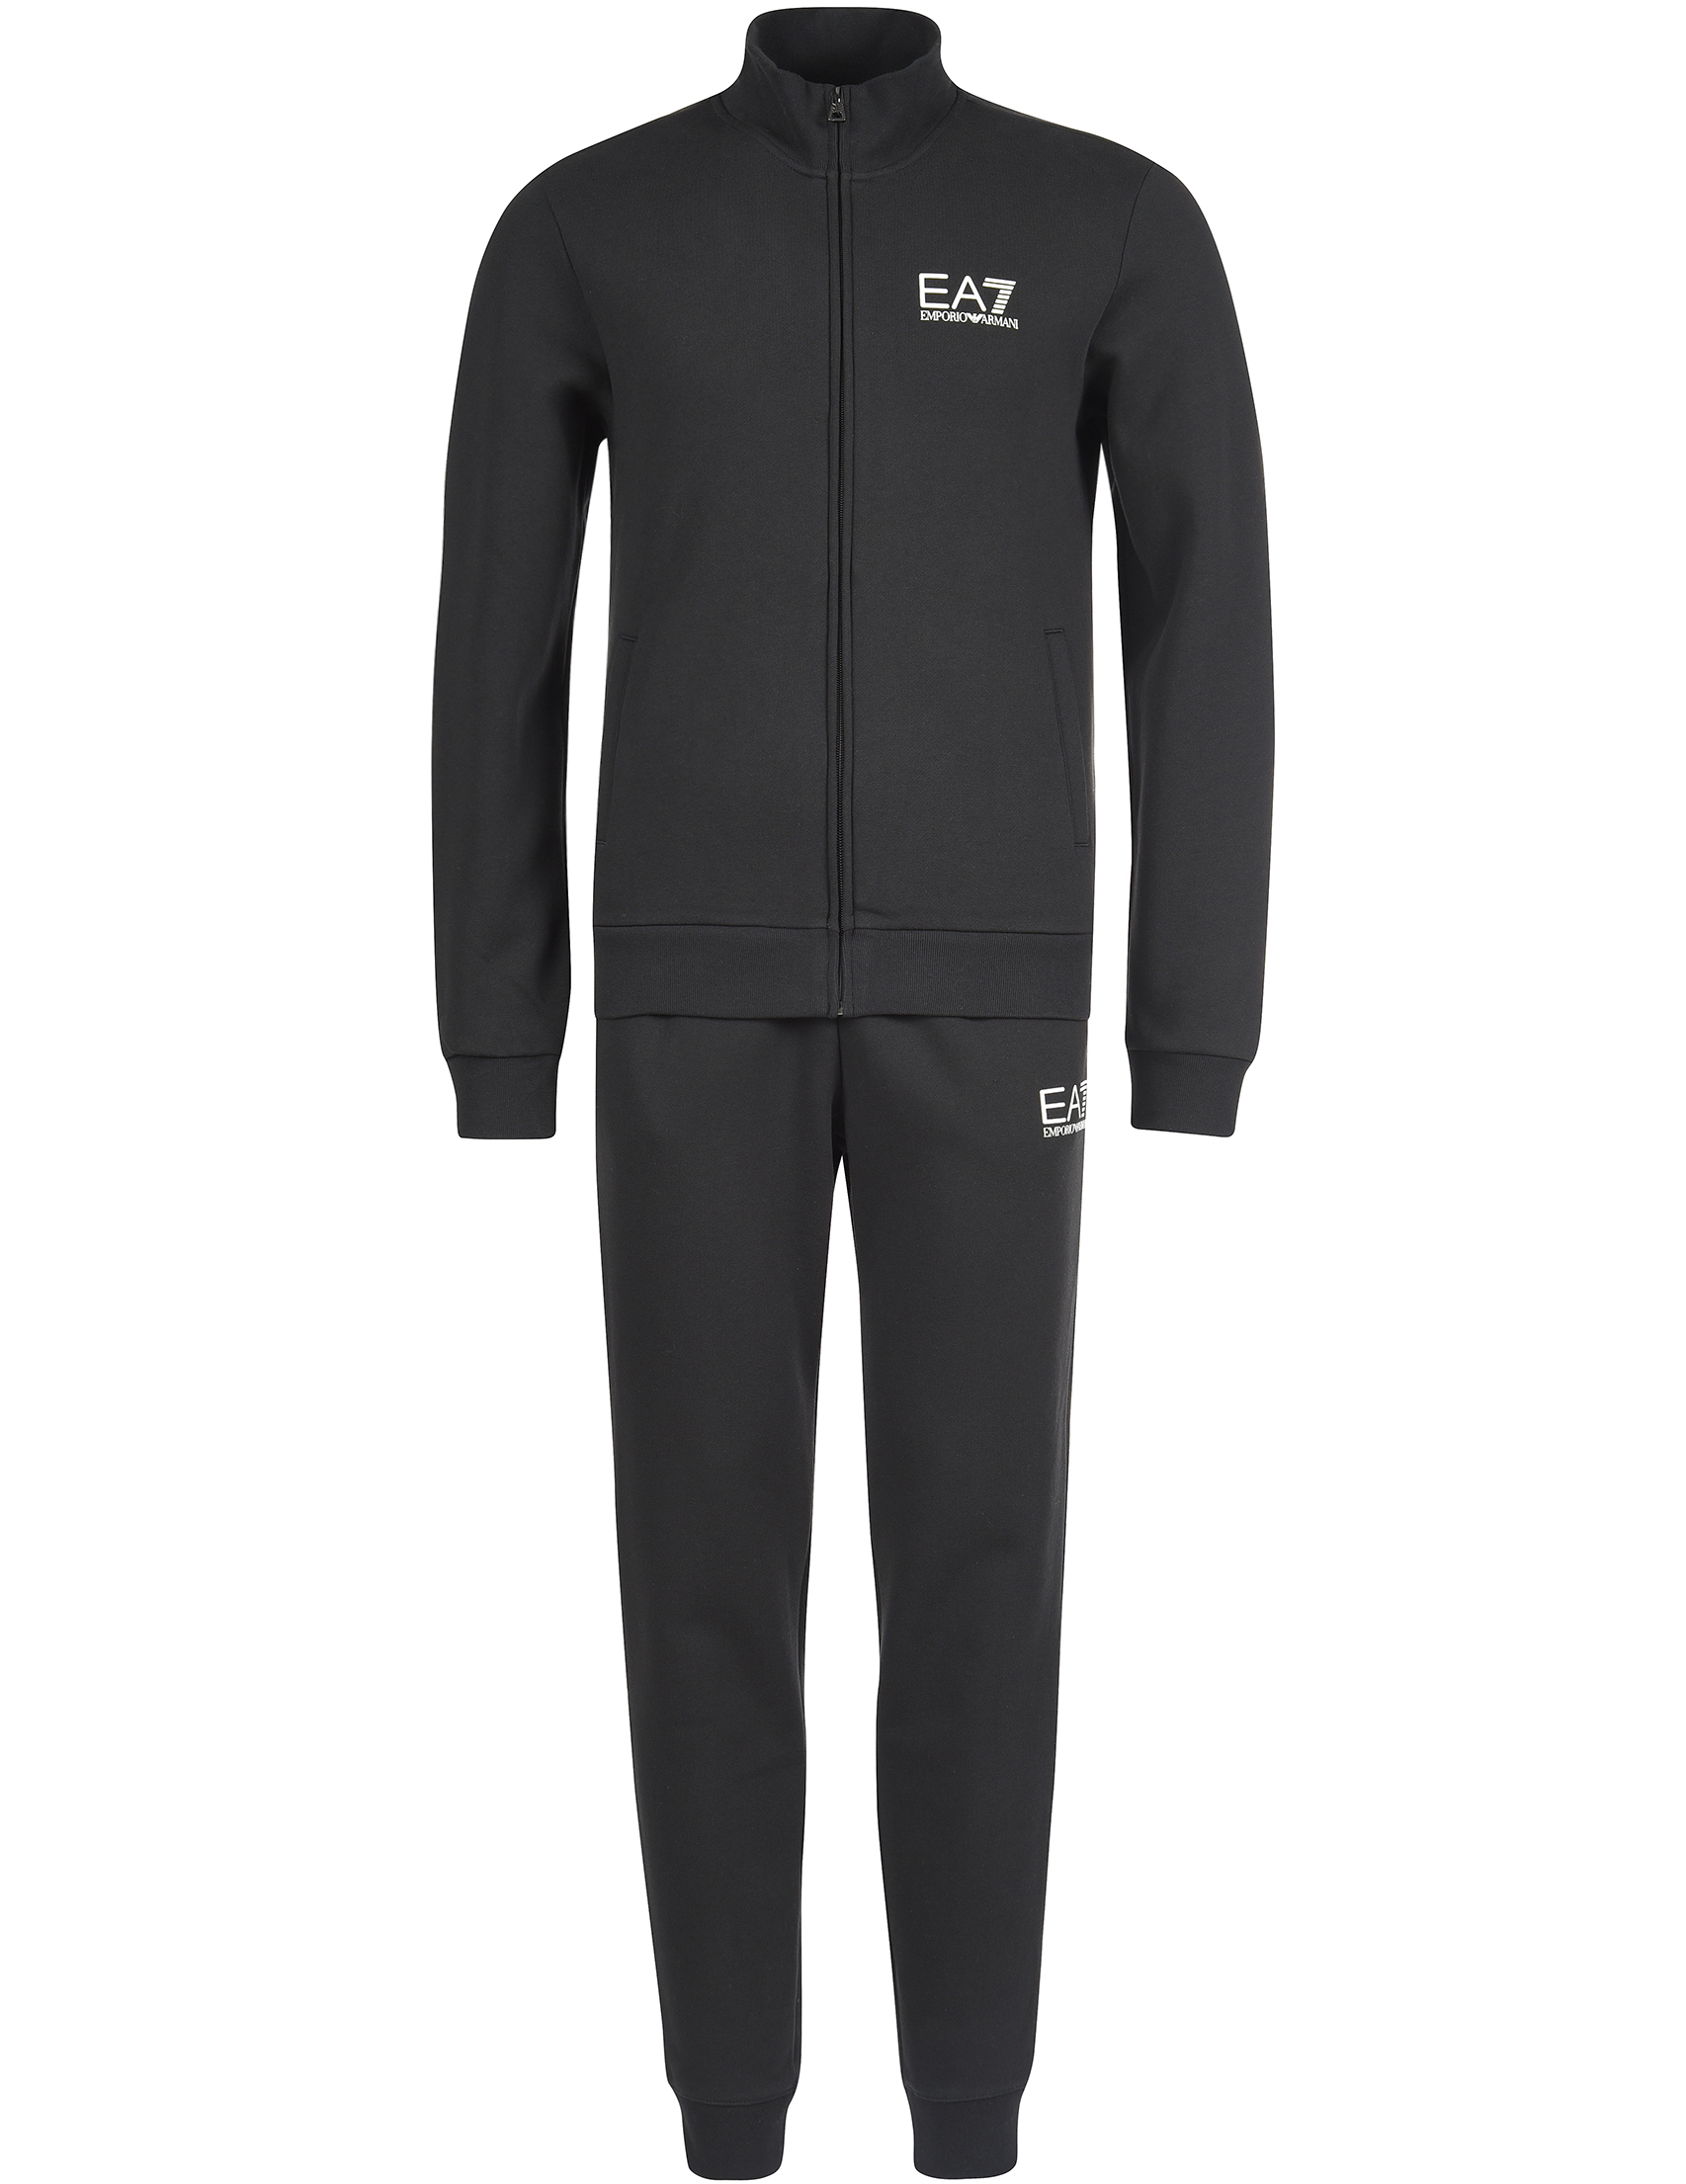 Купить Спортивный костюм, EA7 EMPORIO ARMANI, Черный, 84%Хлопок 16%Полиэстер;98%Хлопок 2%Эластан, Осень-Зима